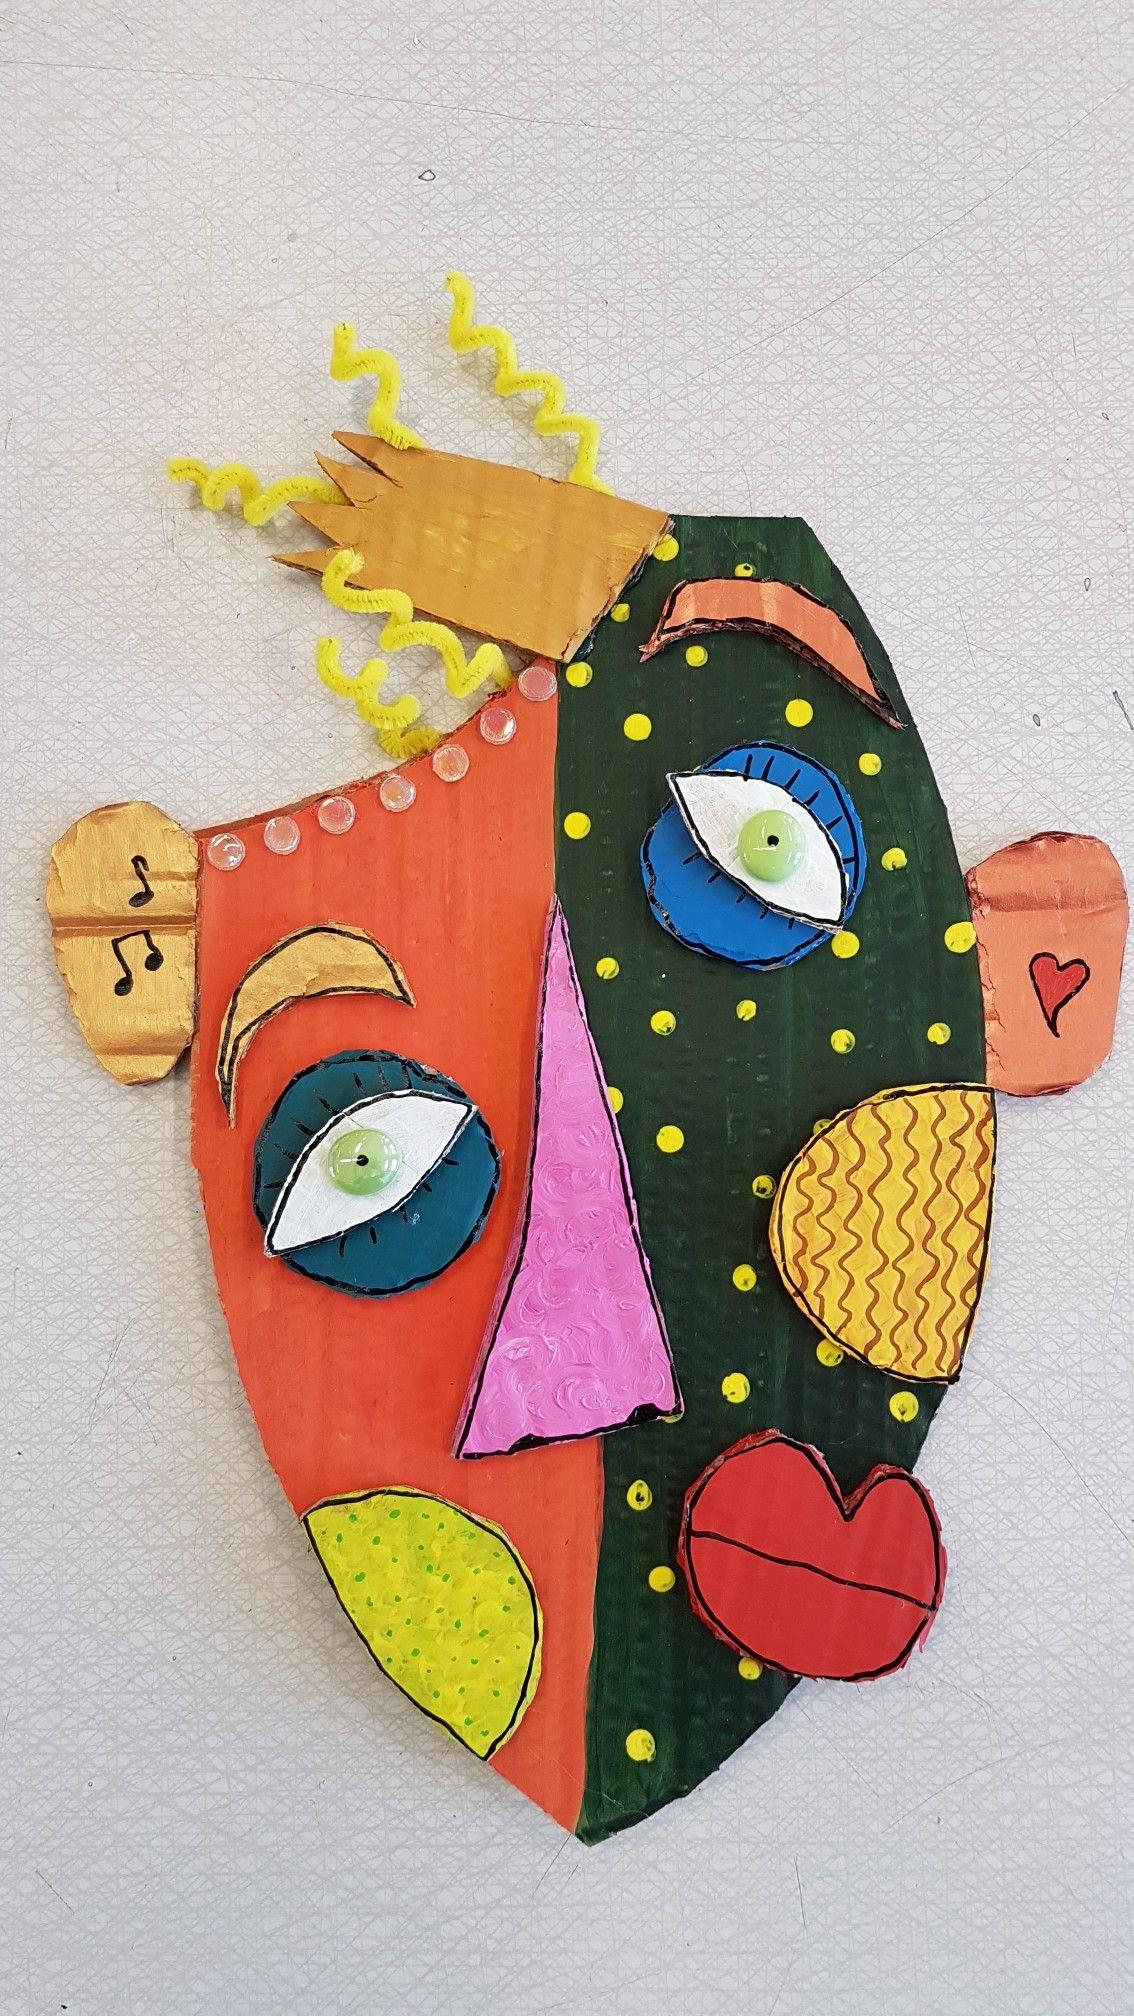 pingl par florence carlier sur masques arts visuels art plastique et bricolage. Black Bedroom Furniture Sets. Home Design Ideas